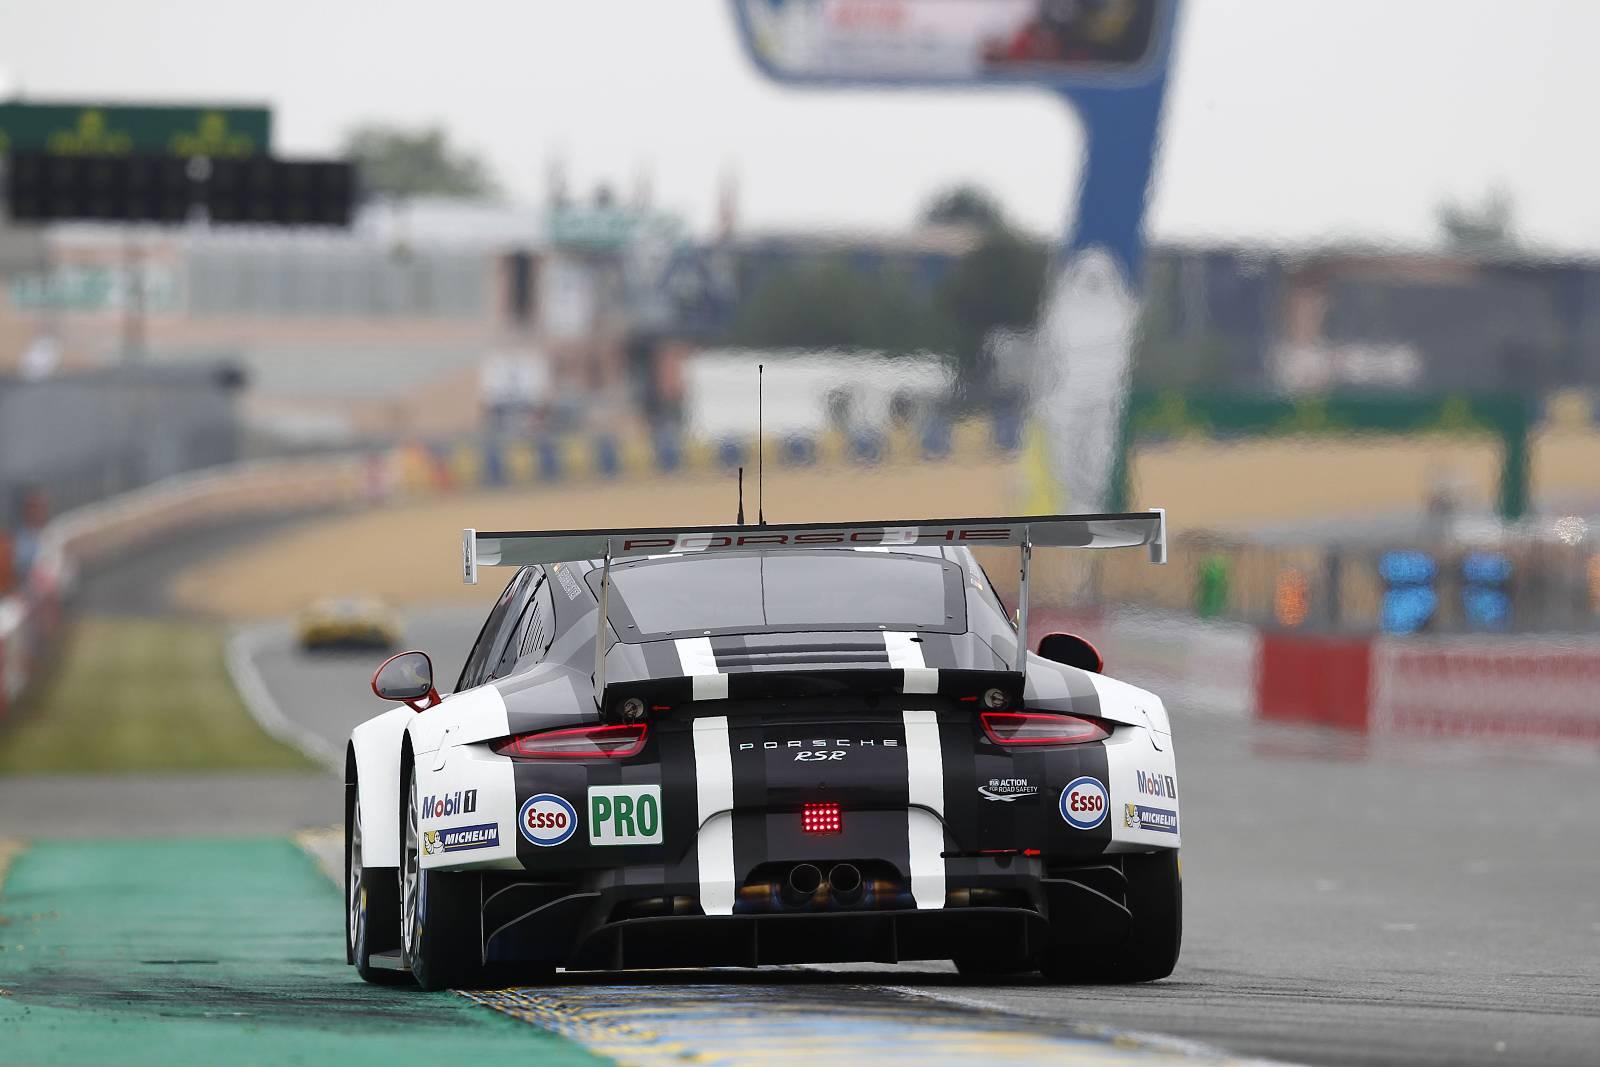 Porsche-í11-RSR-Le-Mans-02